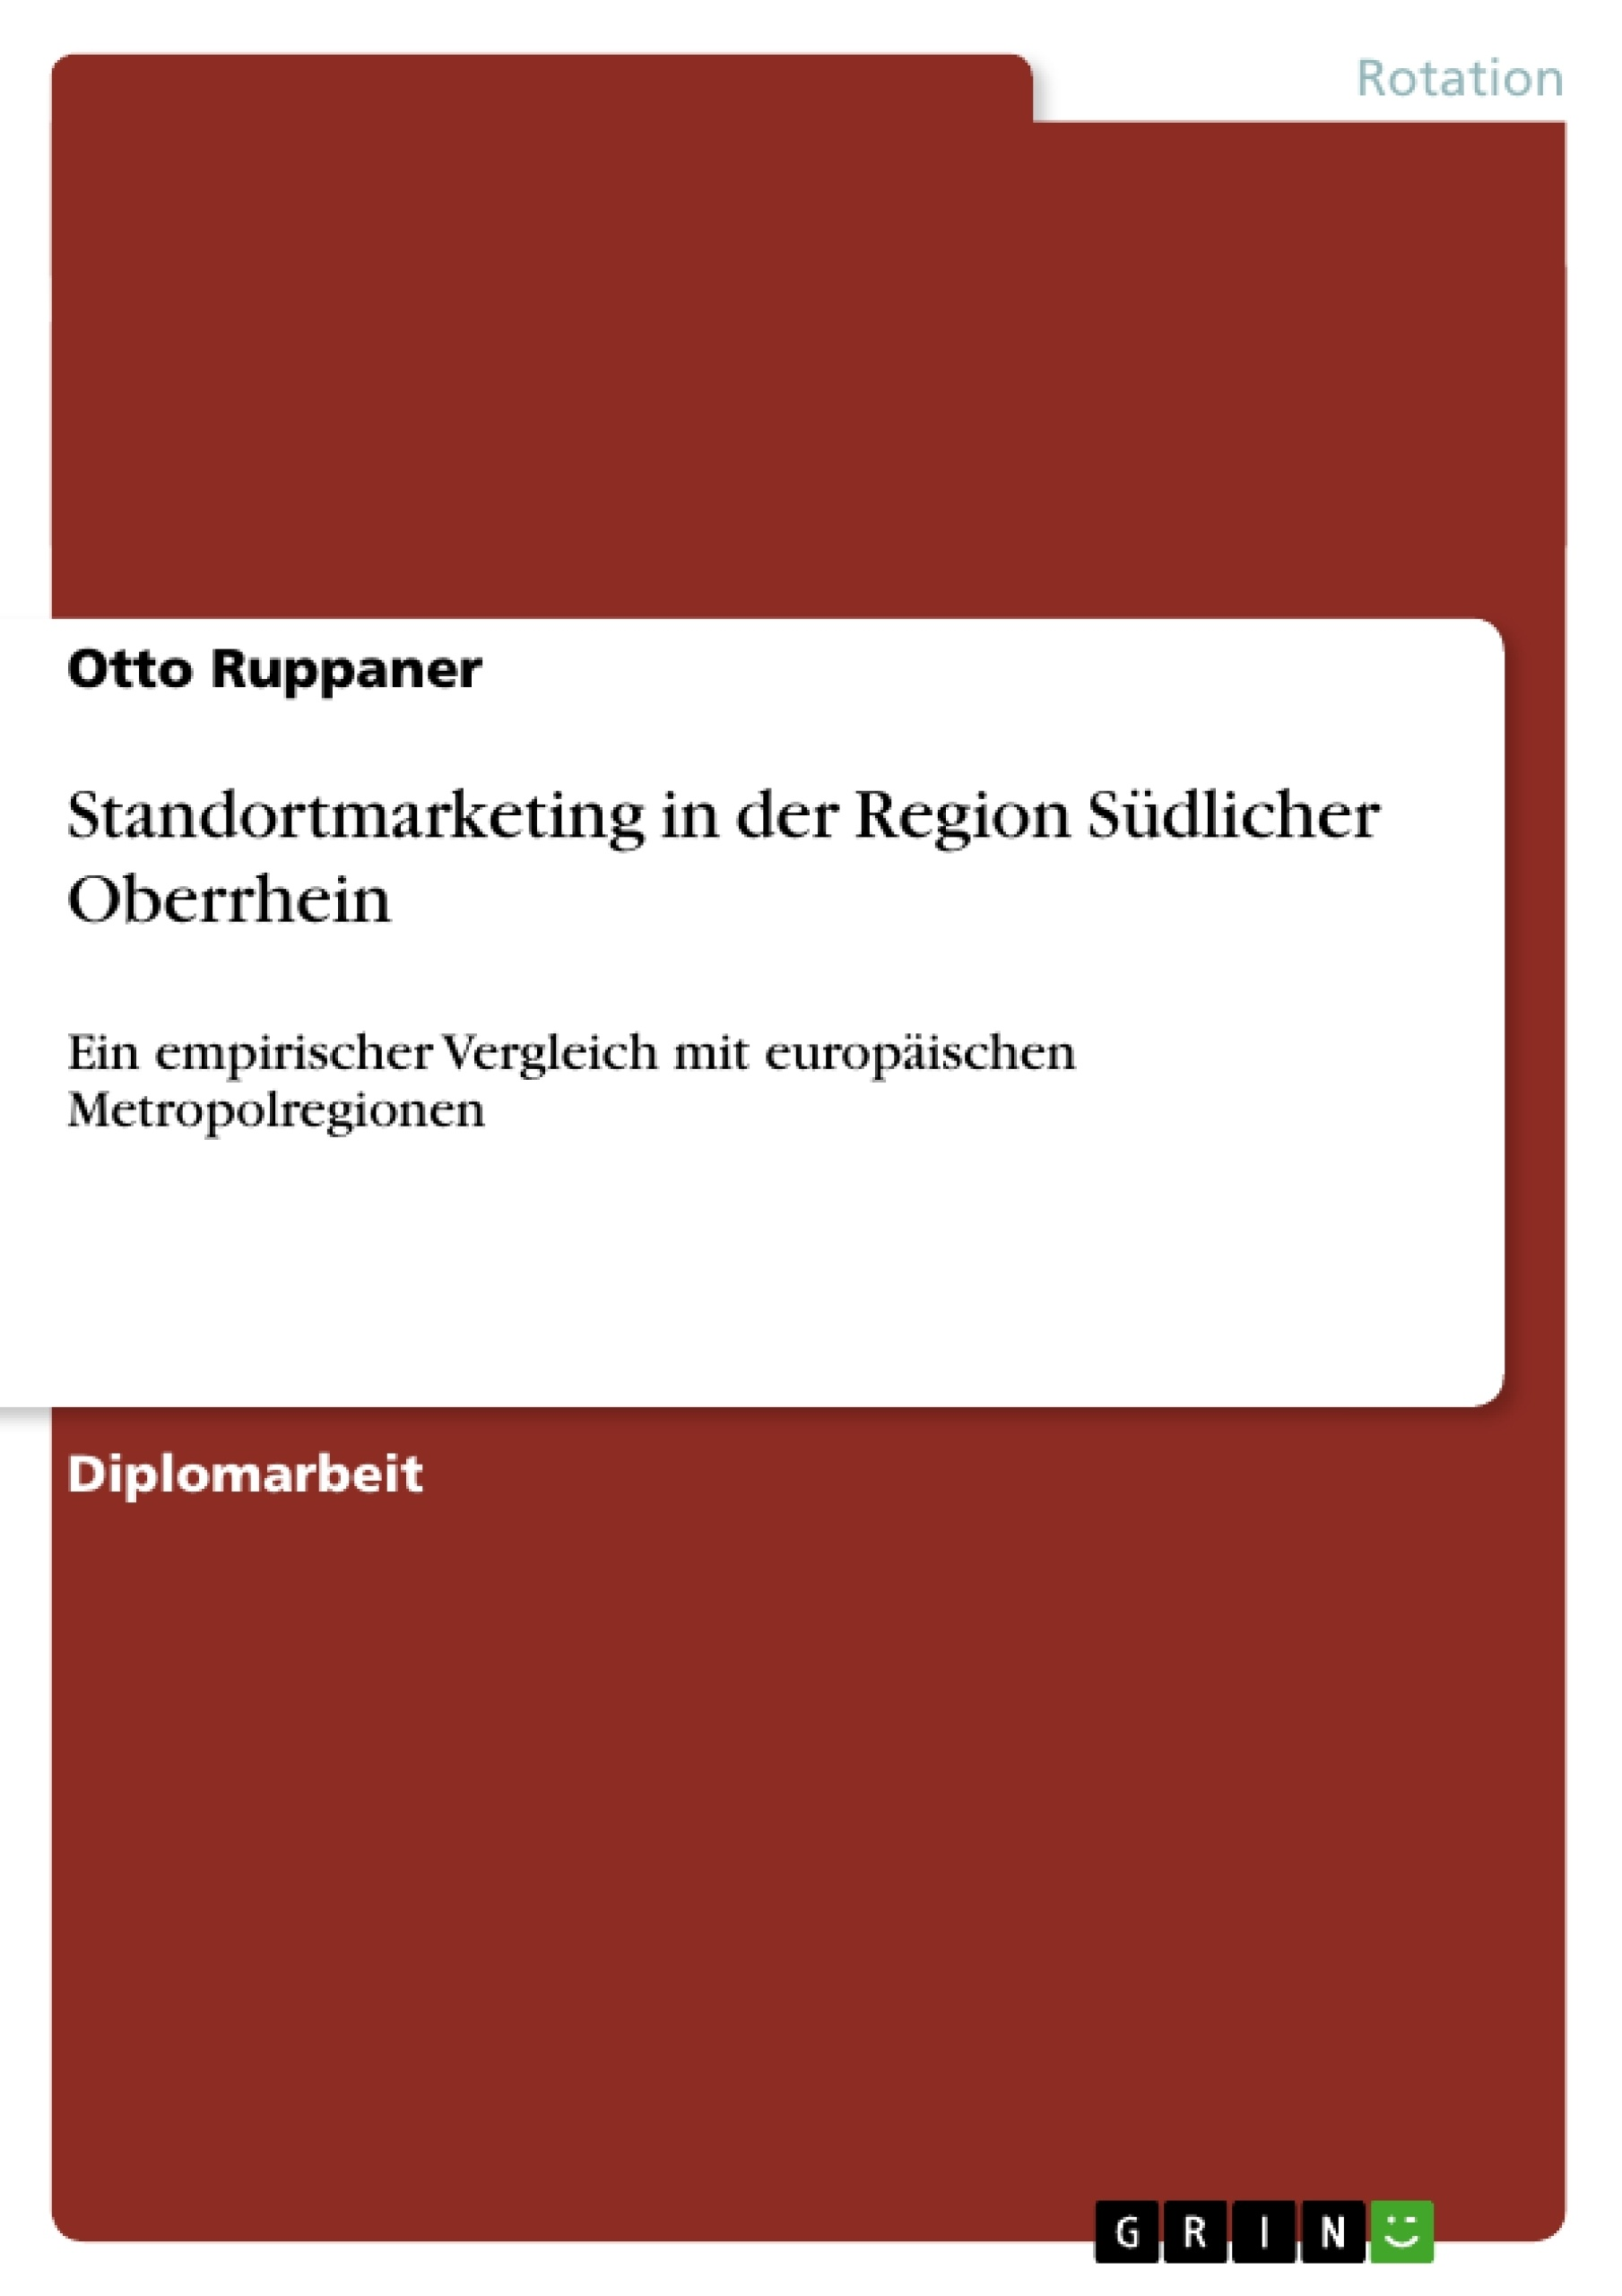 Titel: Standortmarketing in der Region Südlicher Oberrhein